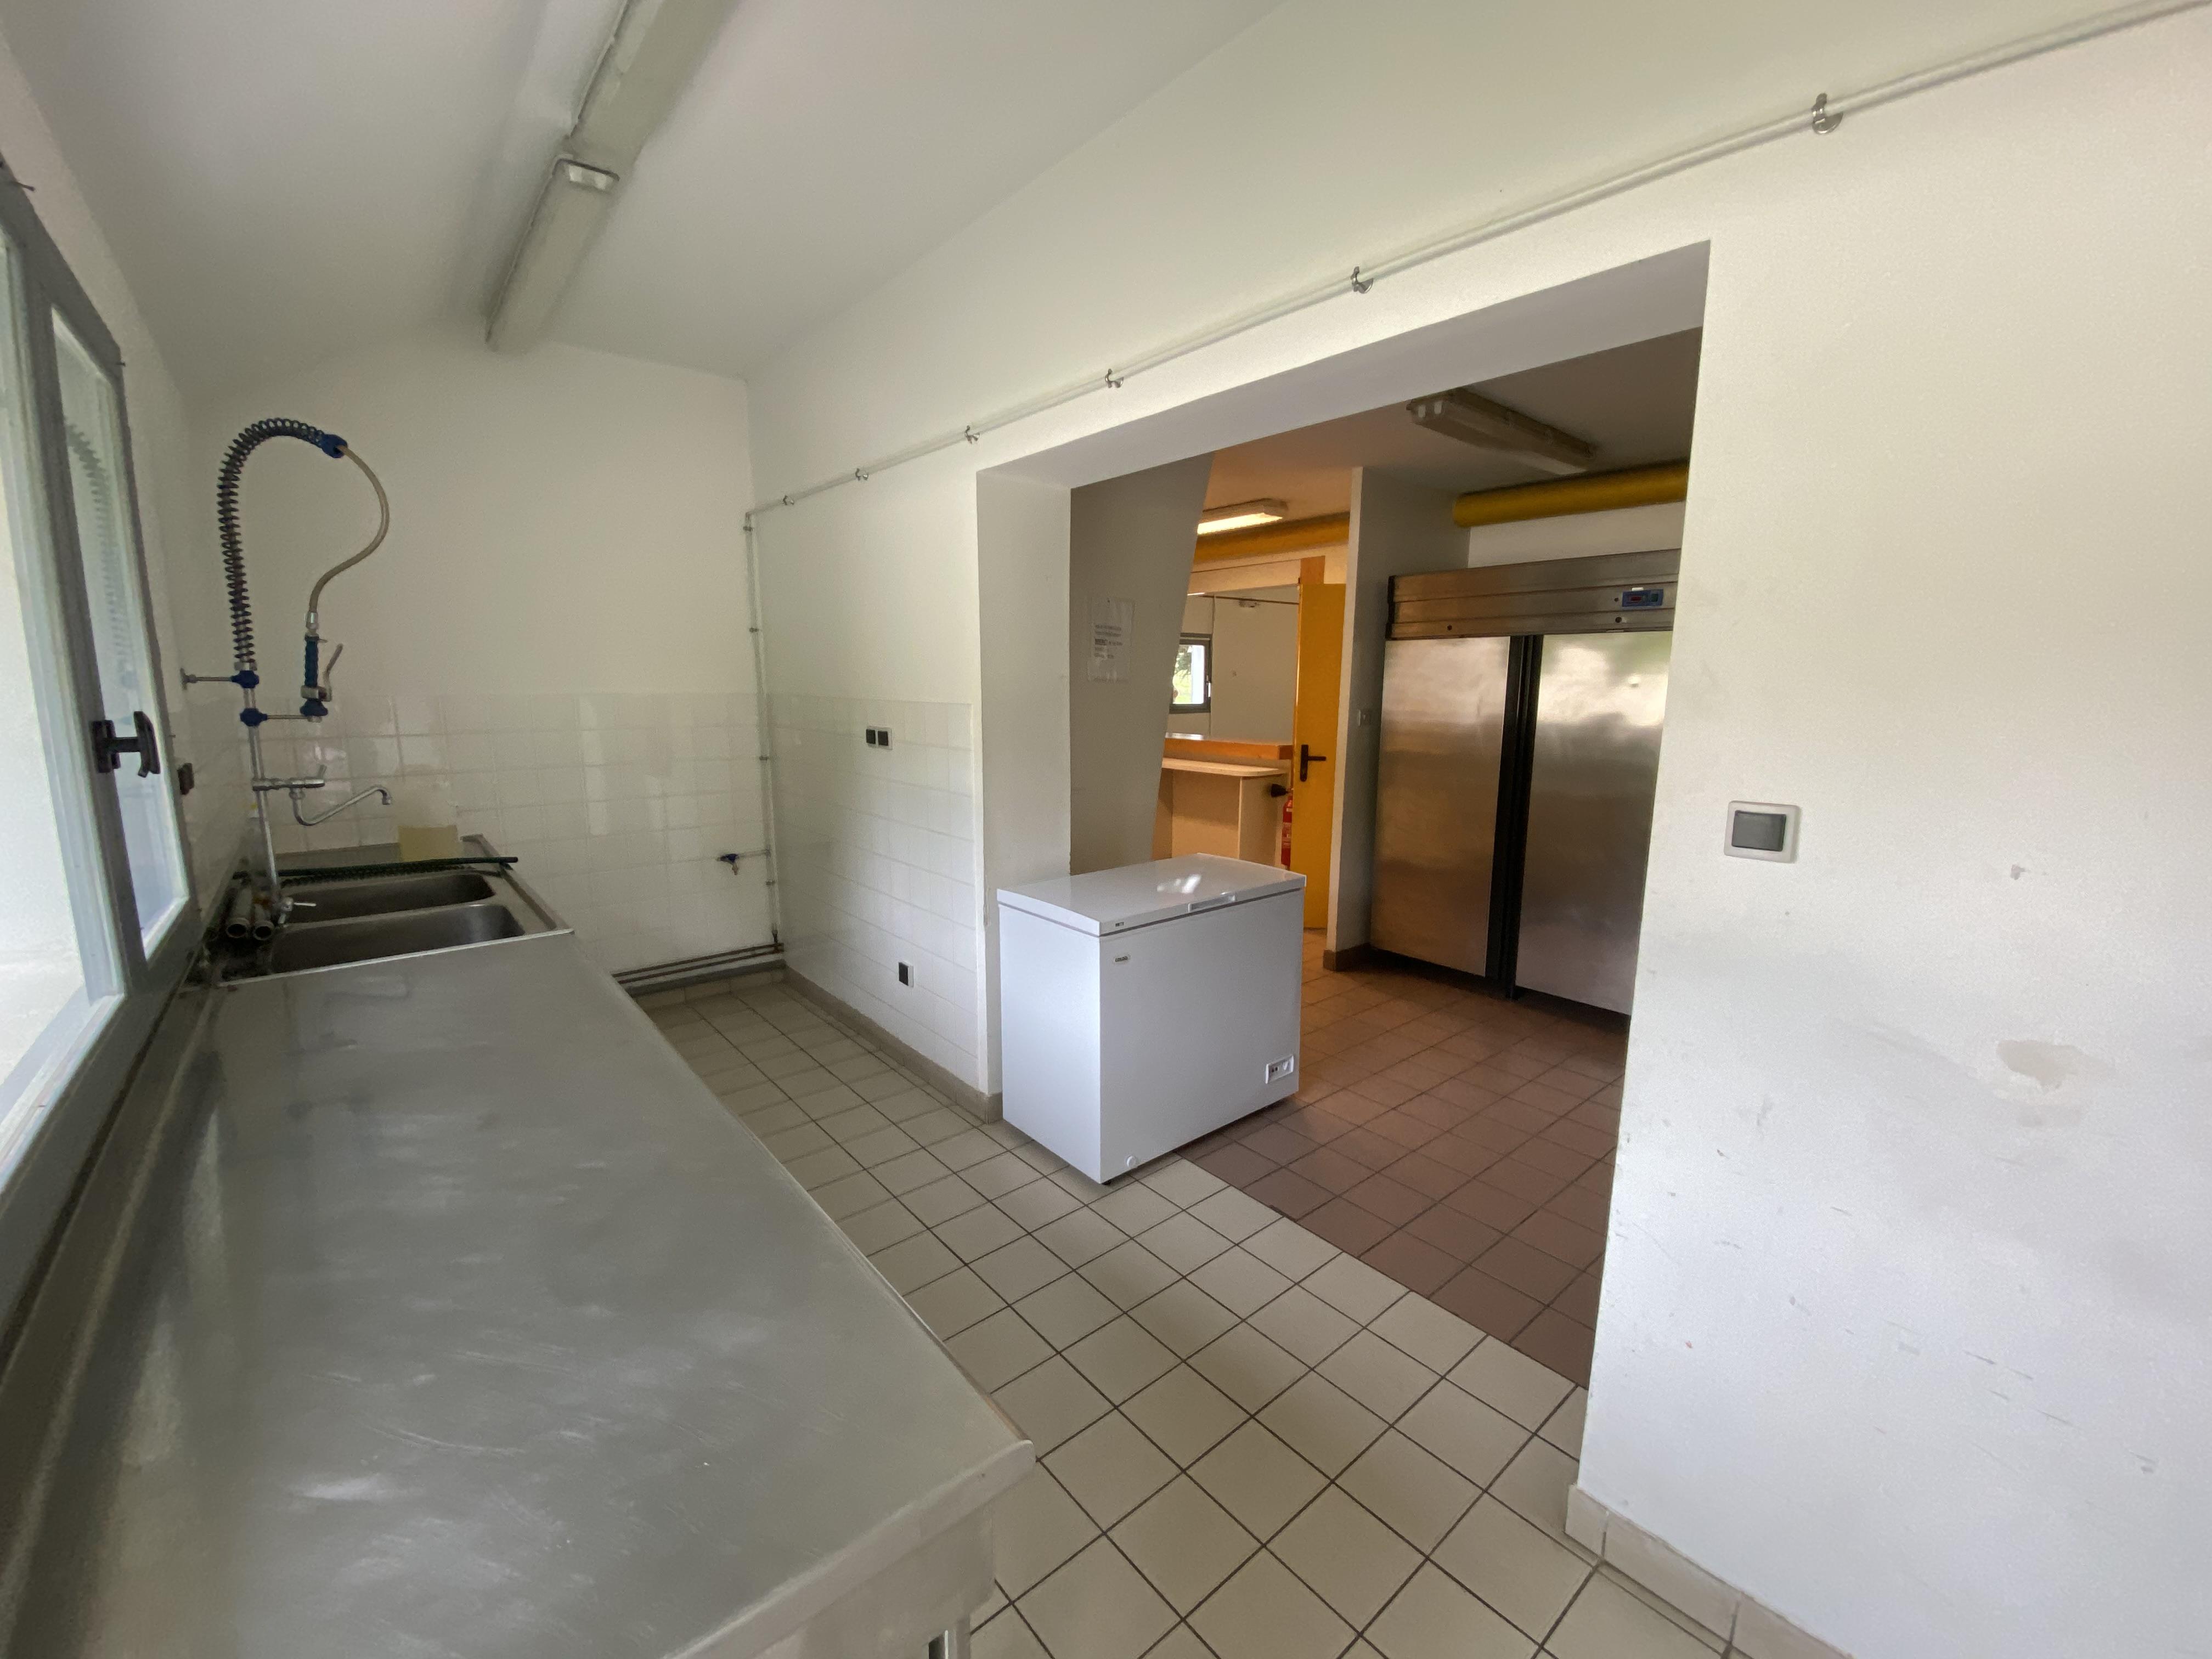 Salle des fêtes cuisine